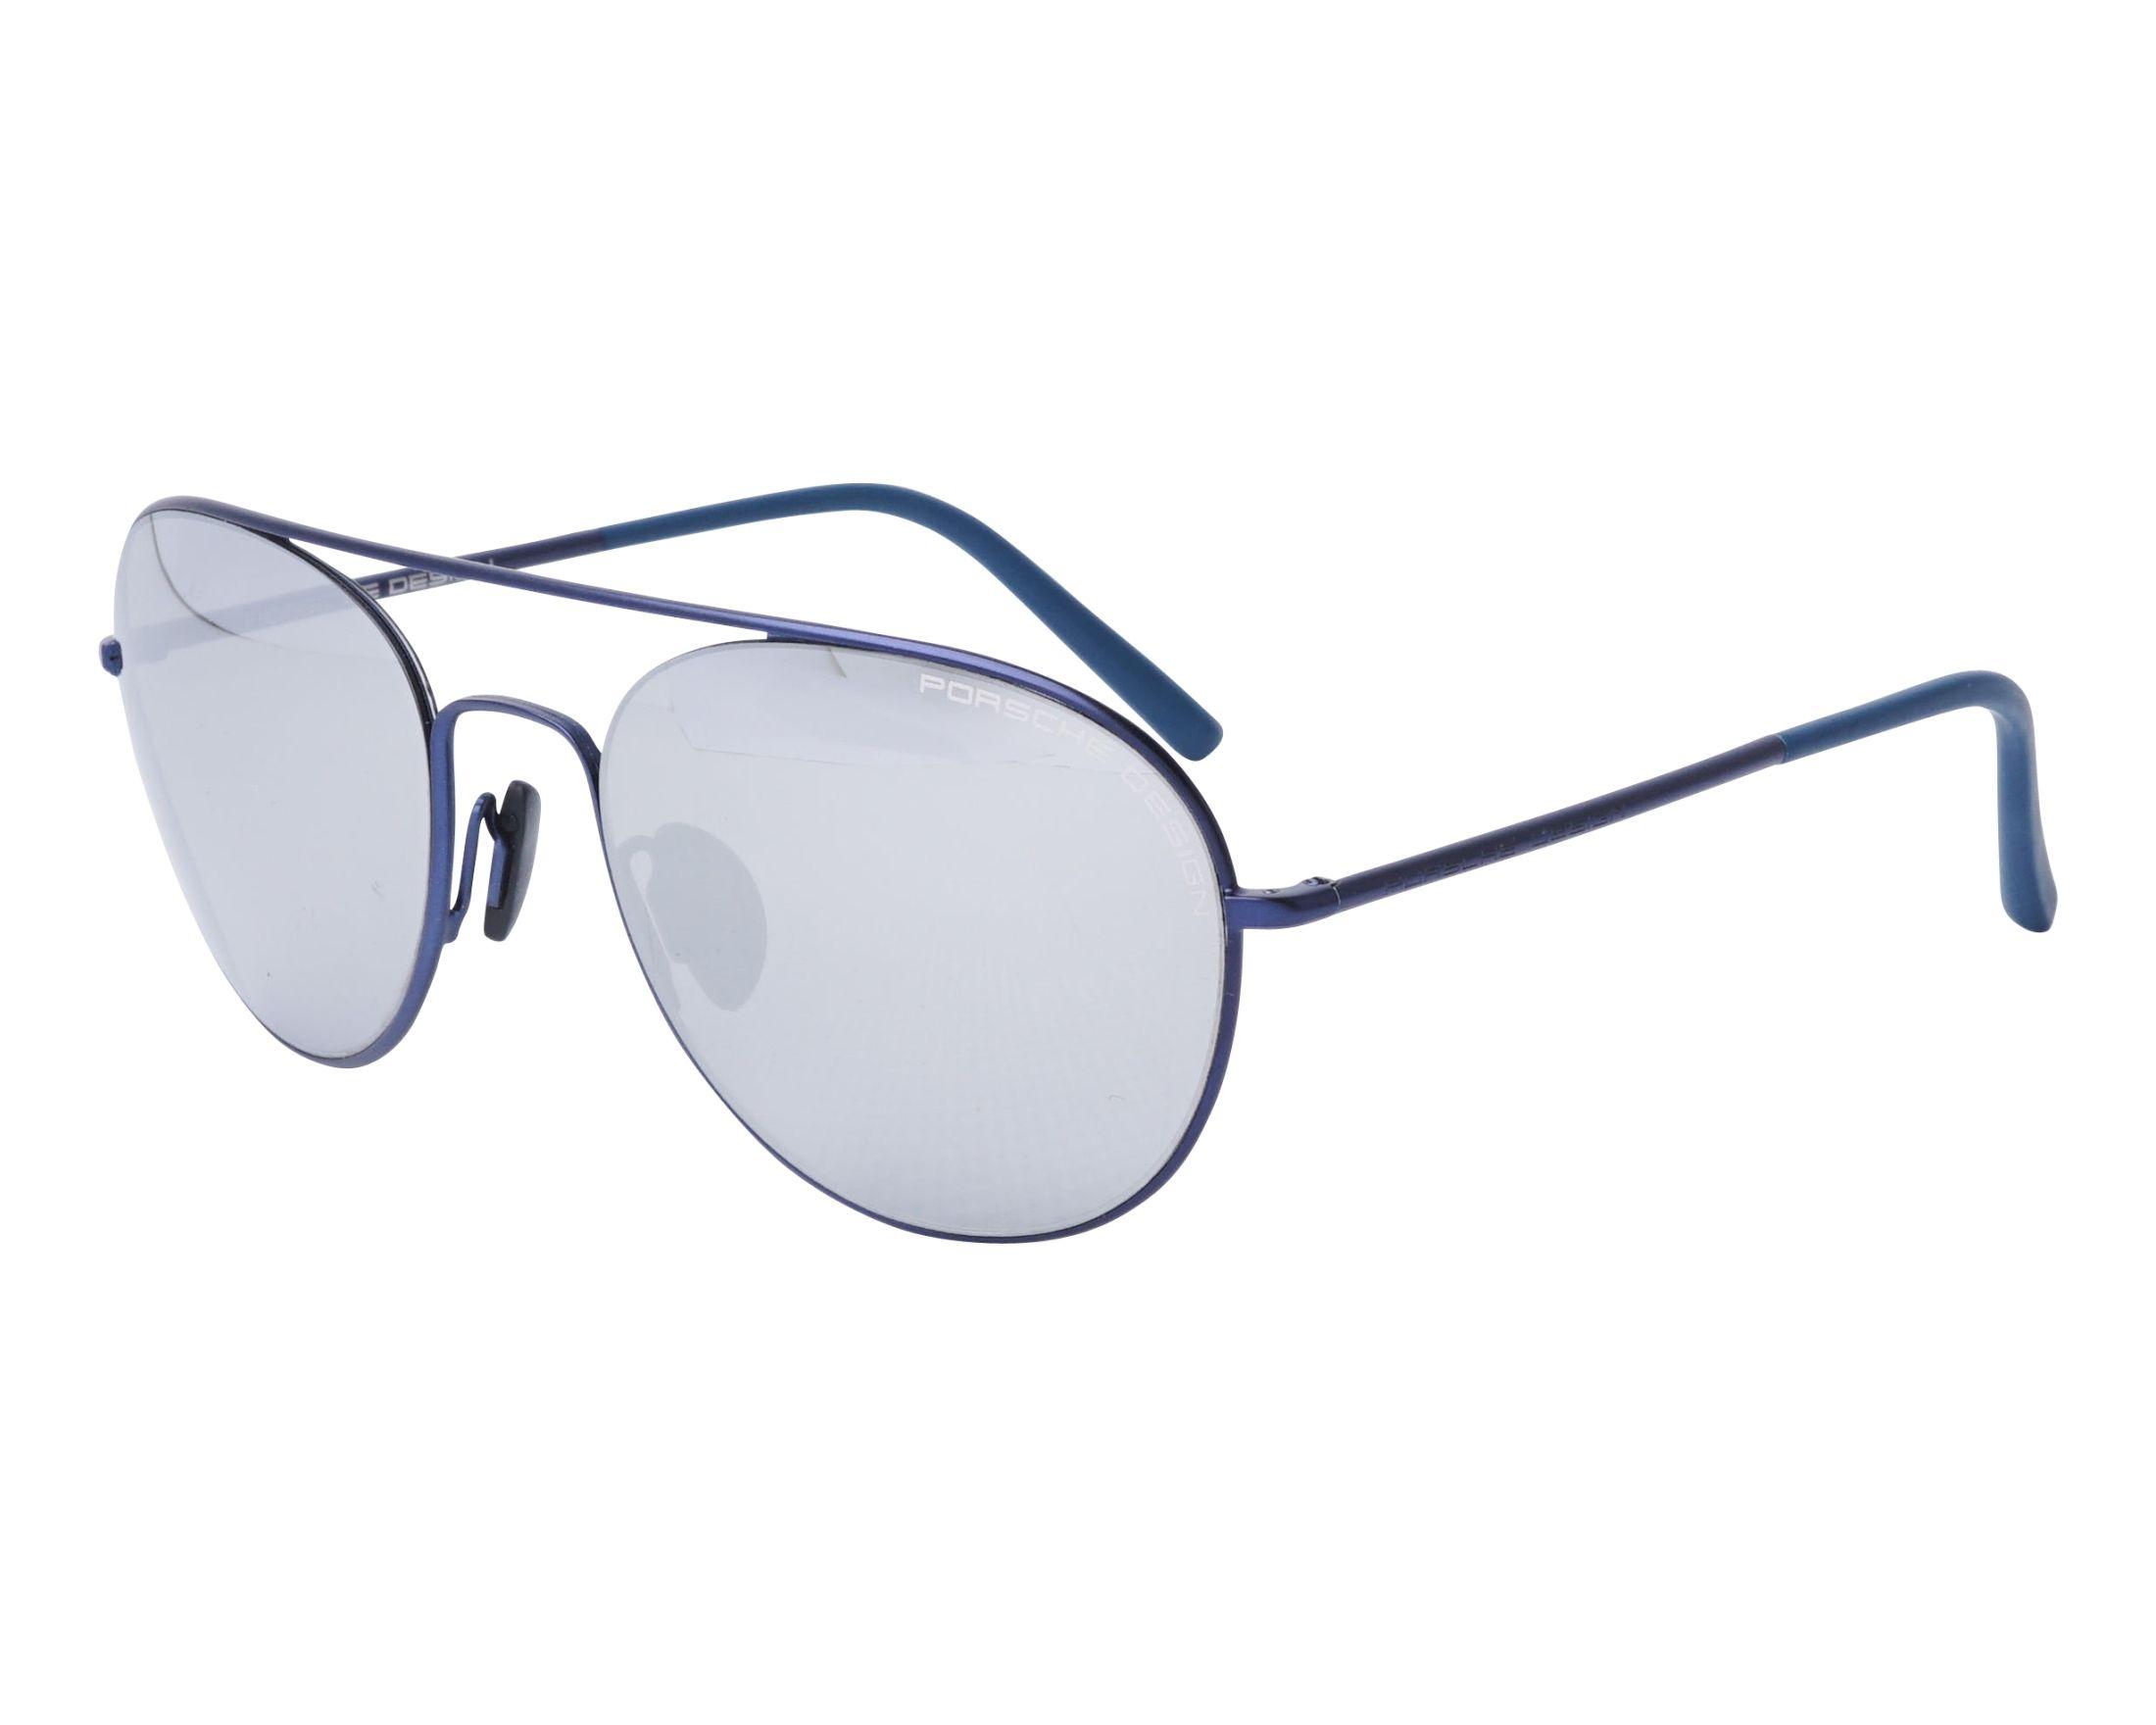 PORSCHE Design Porsche Design Herren Sonnenbrille » P8606«, grau, B - grau/braun